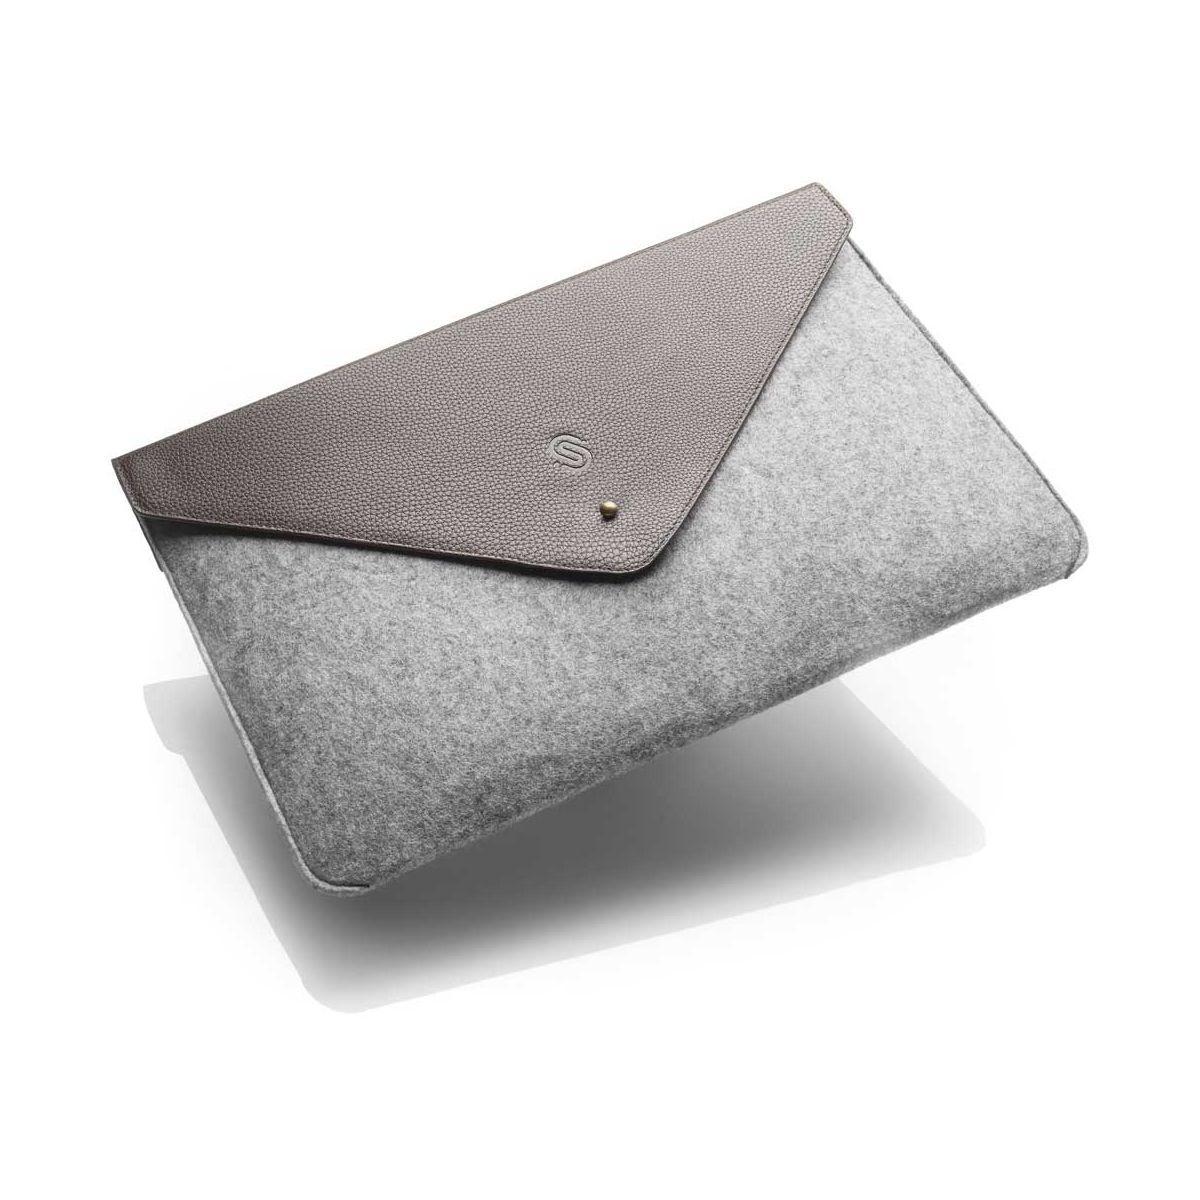 Etui tablette graphique iskn sleeve pour slate2 + - livraison offerte : code liv (photo)